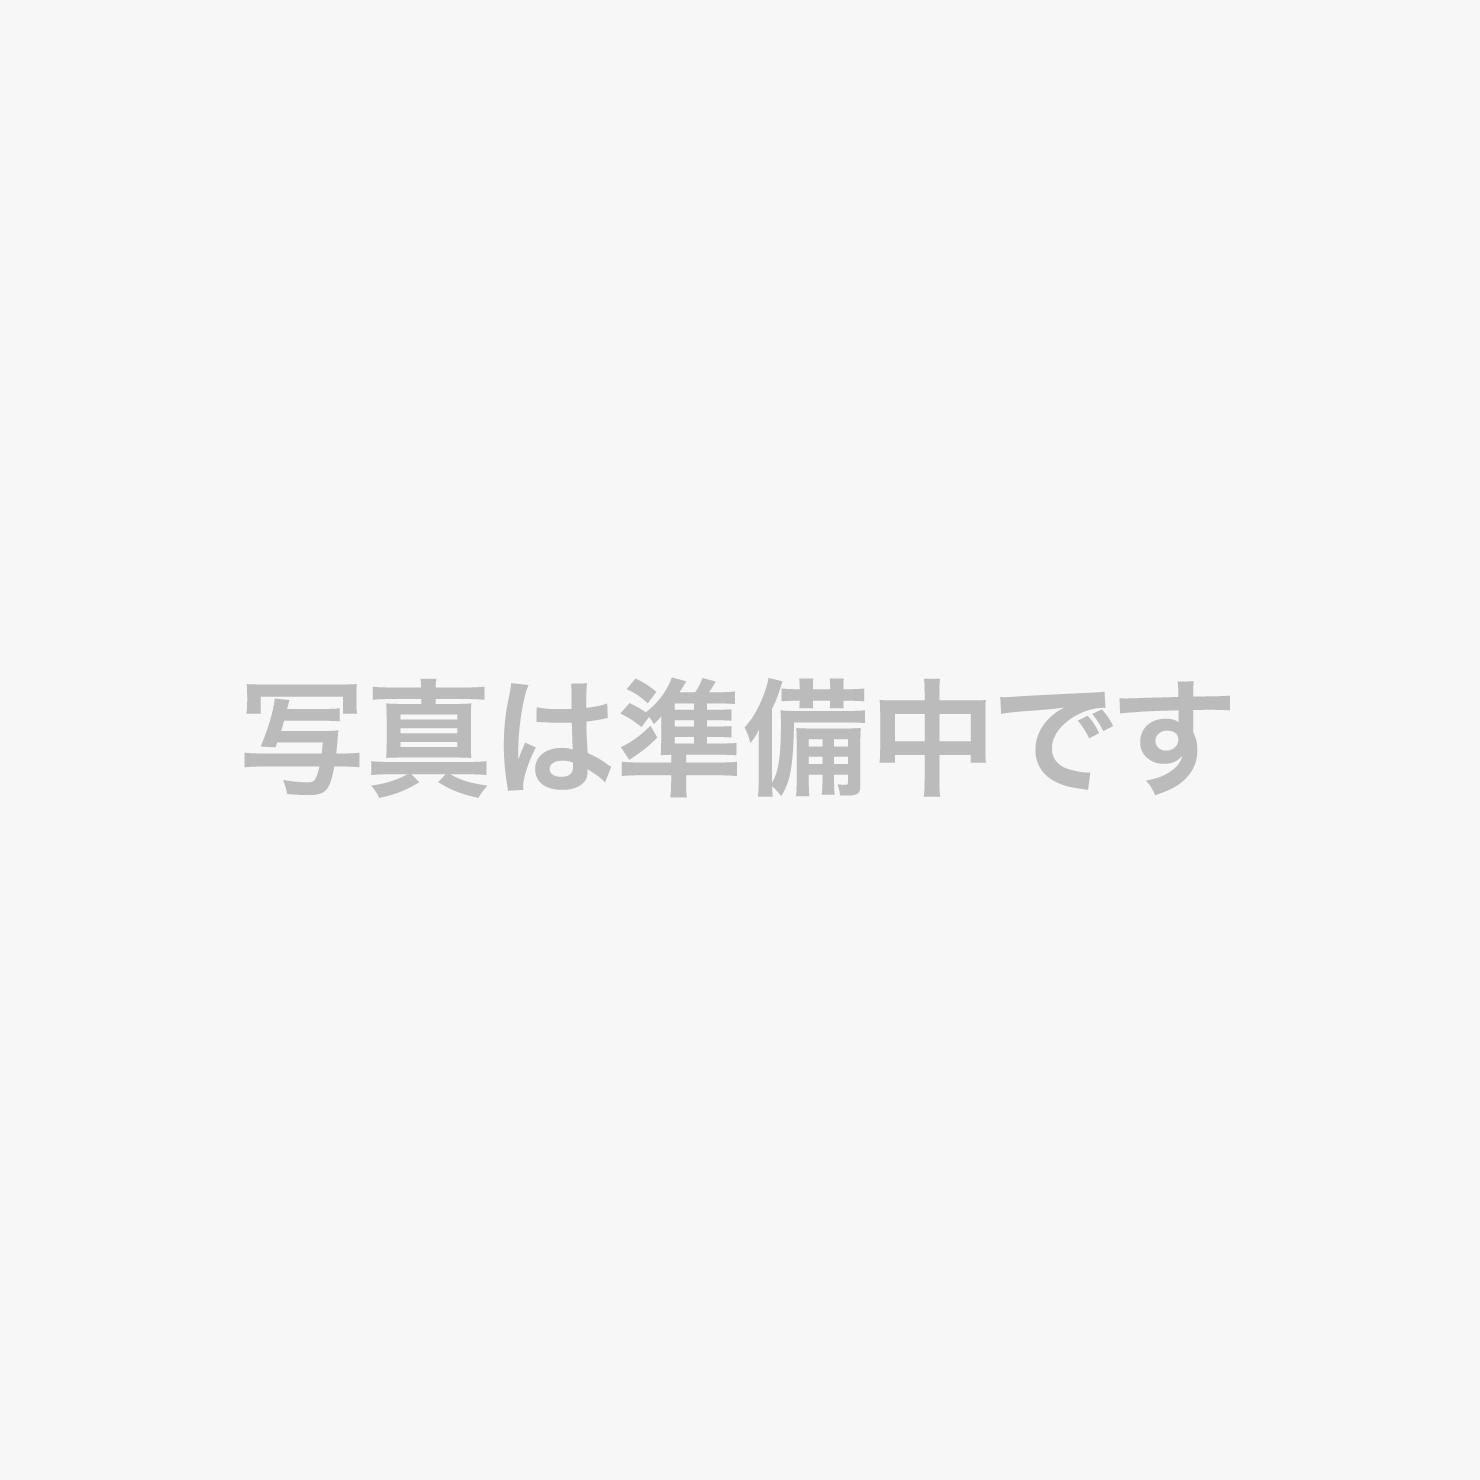 ツイン【和モダンスタイルルーム・禁煙室】